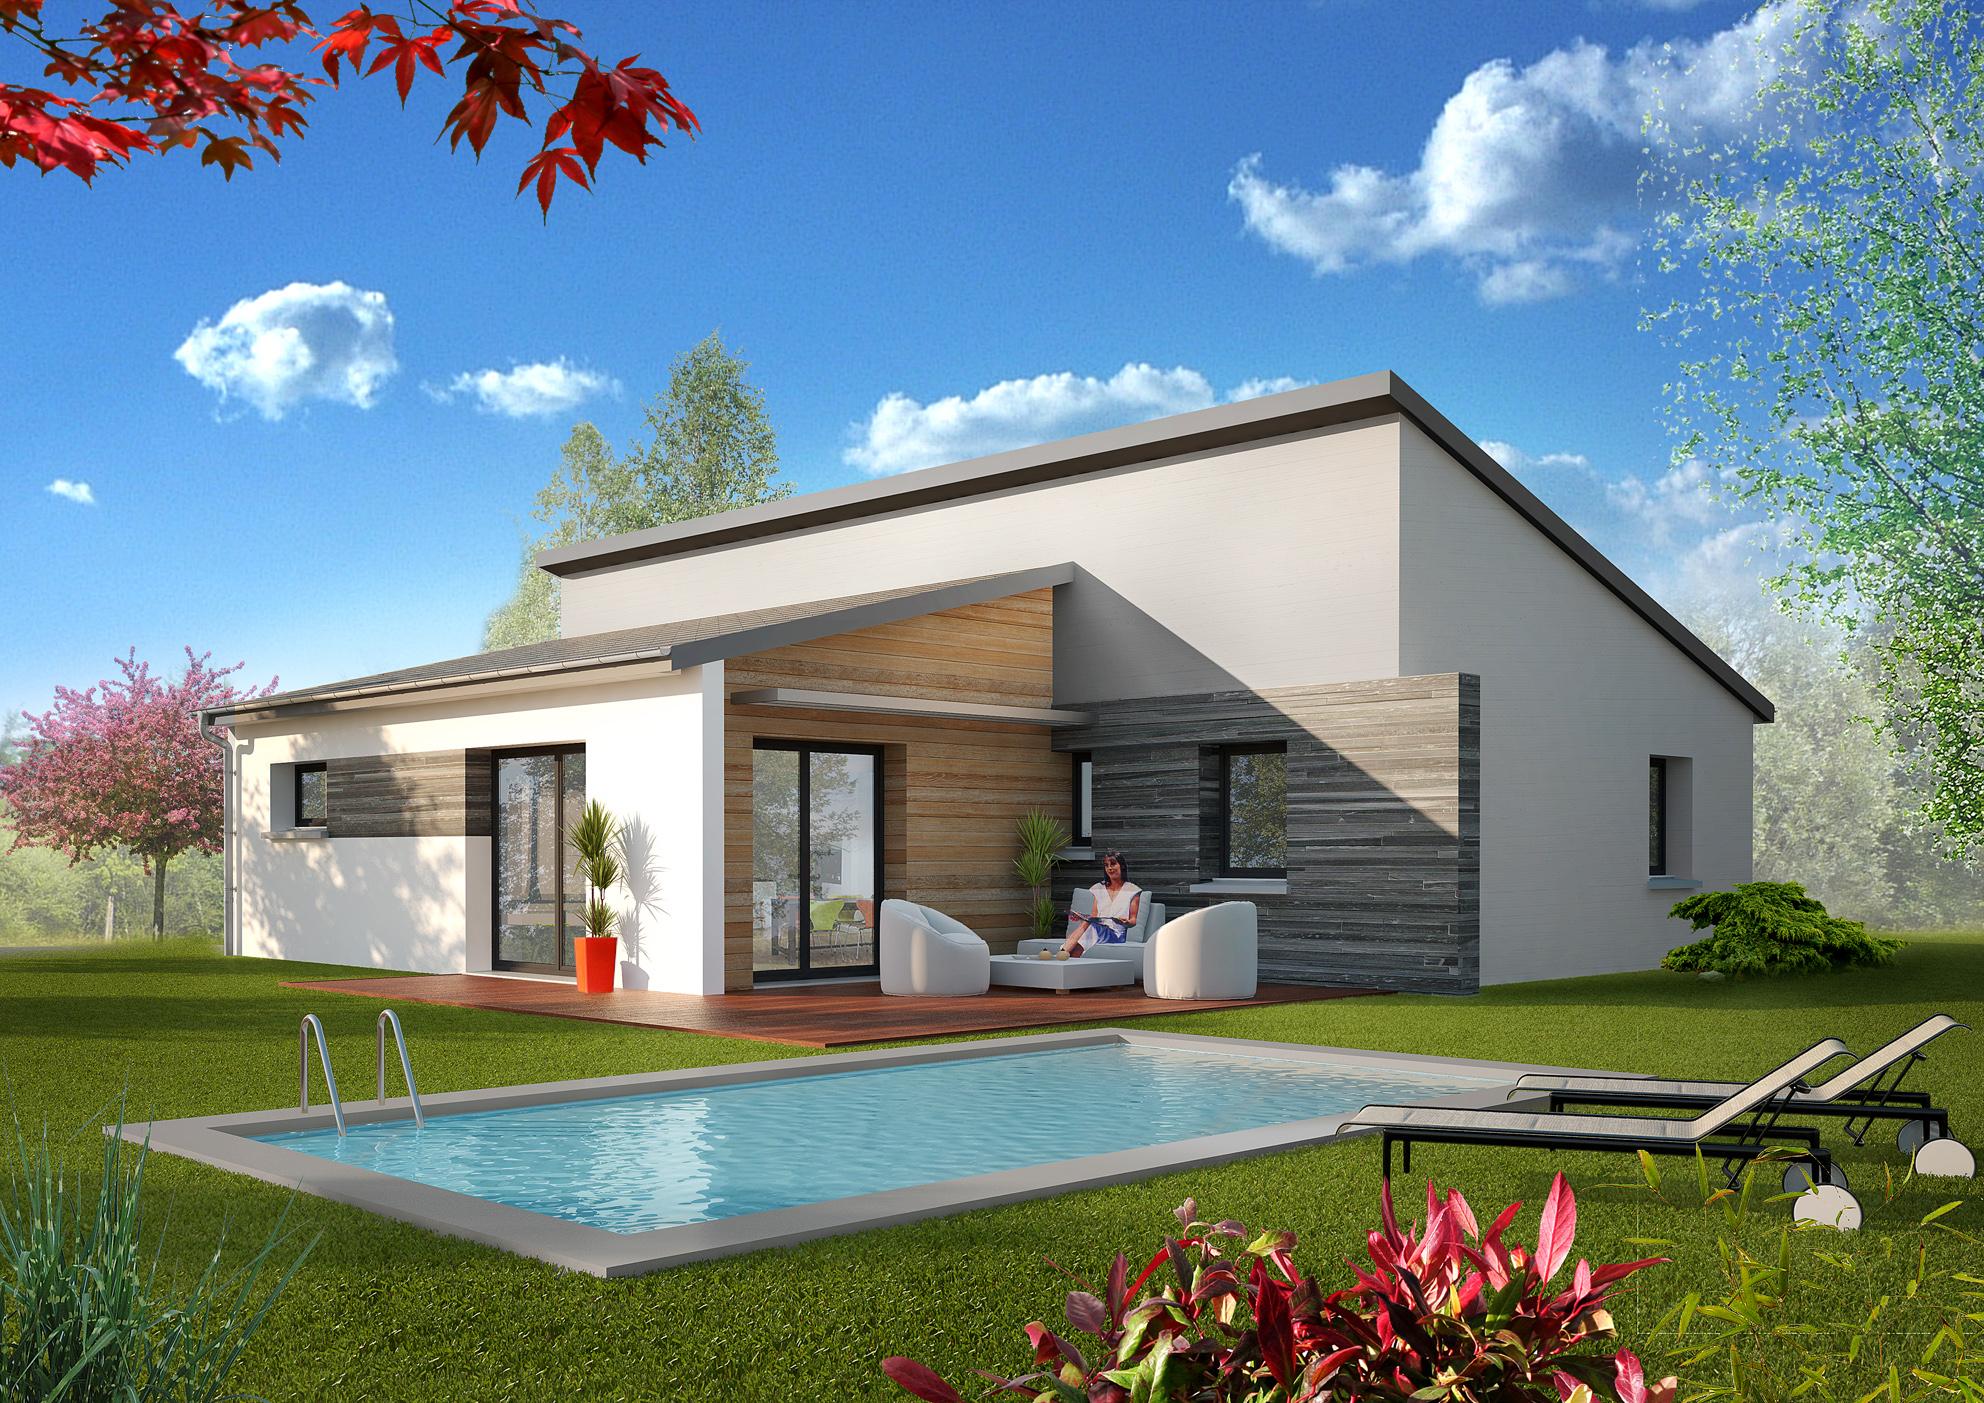 Maisons rocbrune constructeur agr maisons de qualit for Constructeur de maison 70